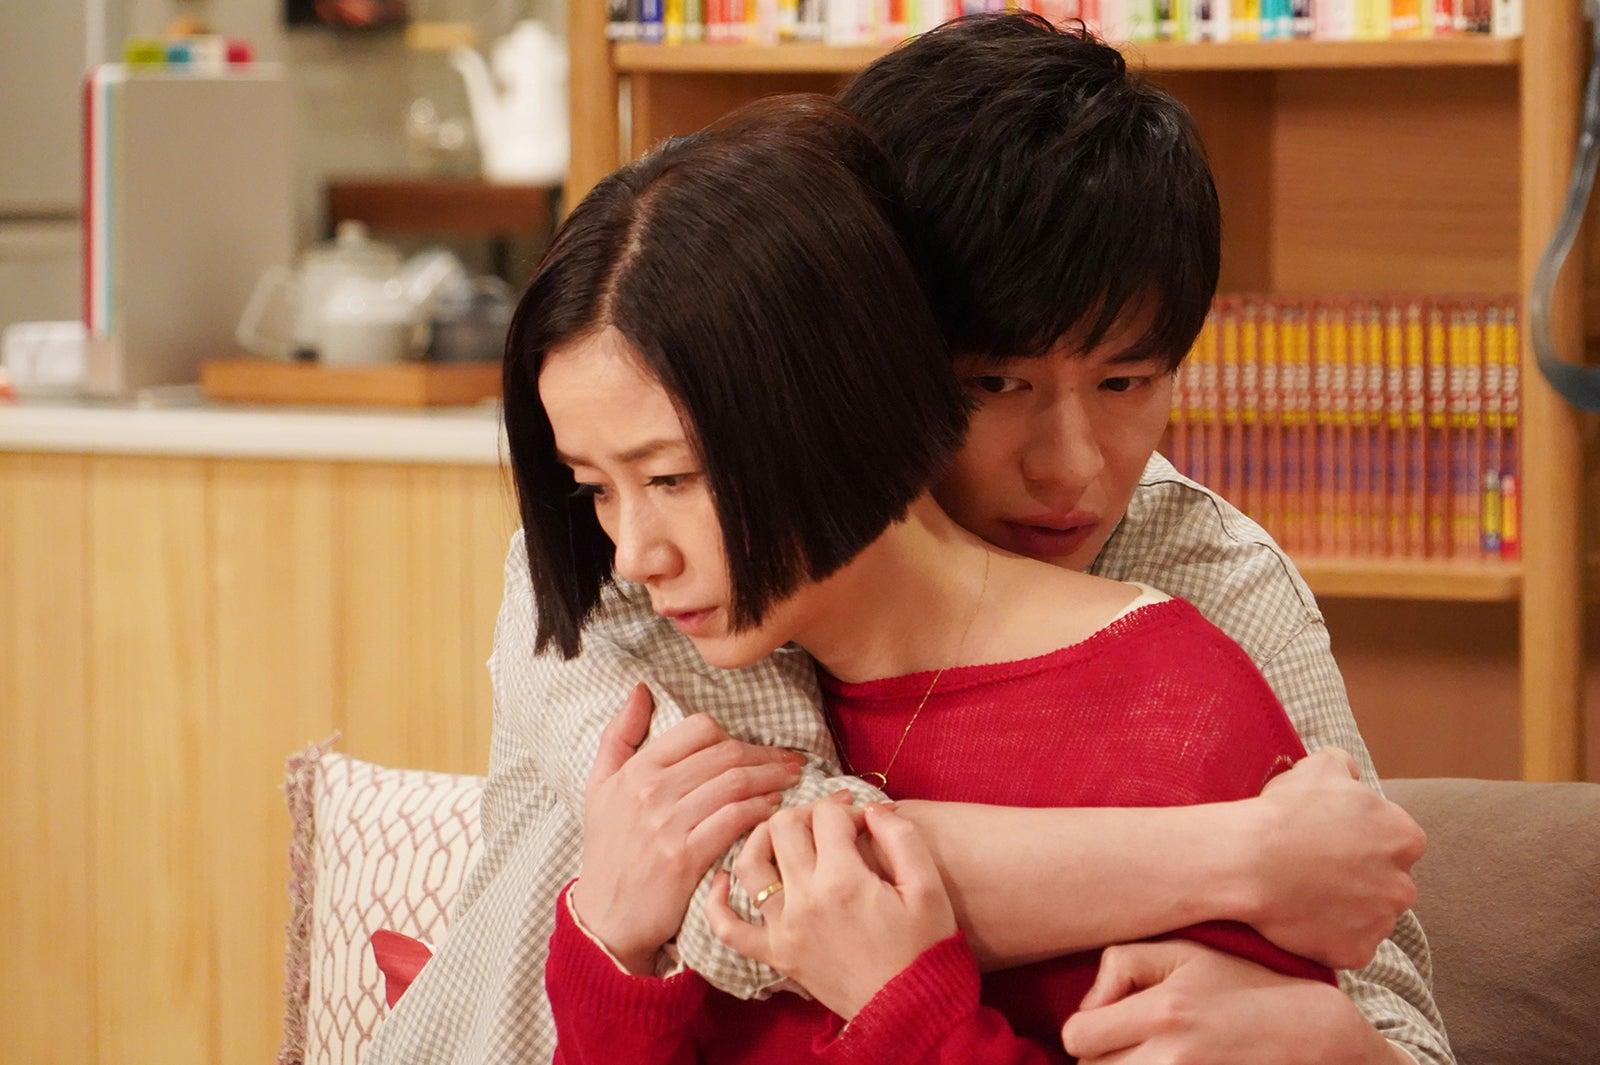 原田知世、田中圭/「あなたの番です」第5話より